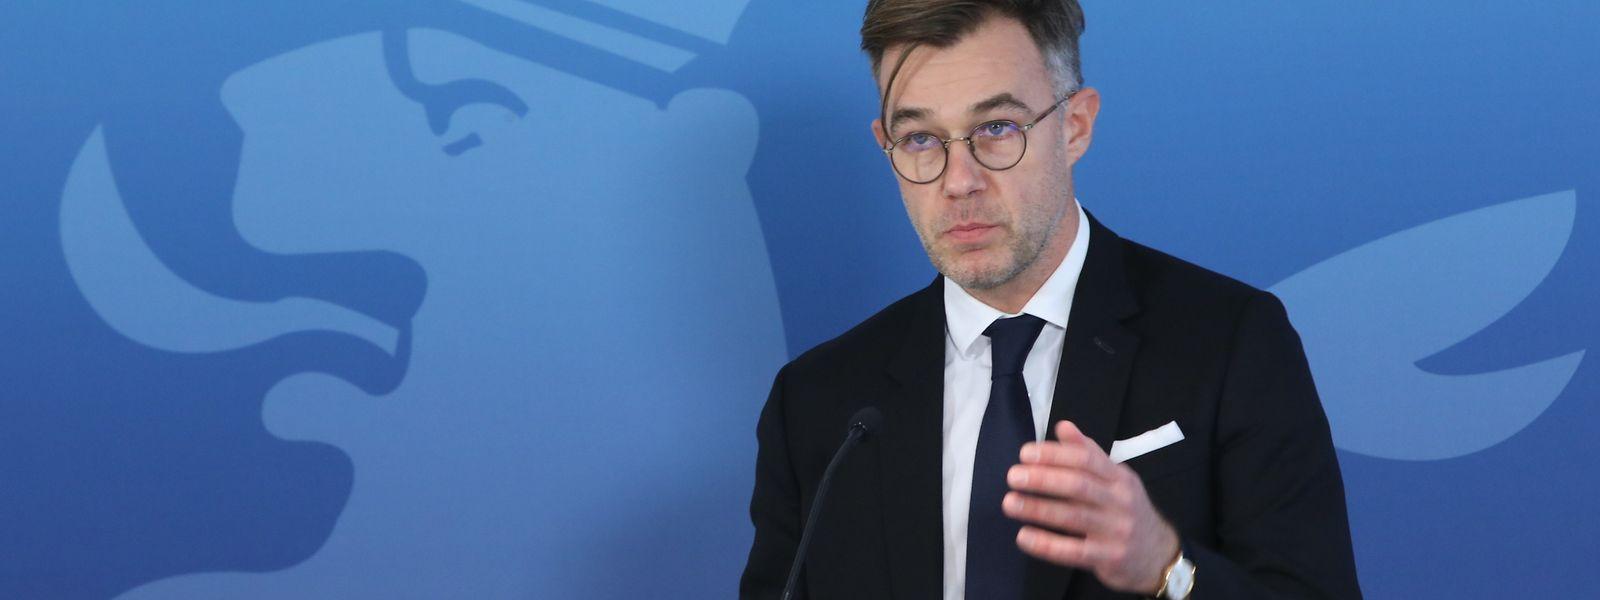 """Le ministre de l'Economie l'a confirmé : le chômage partiel est prolongé """"dans sa forme actuelle"""" jusqu'au 30 juin 2021."""